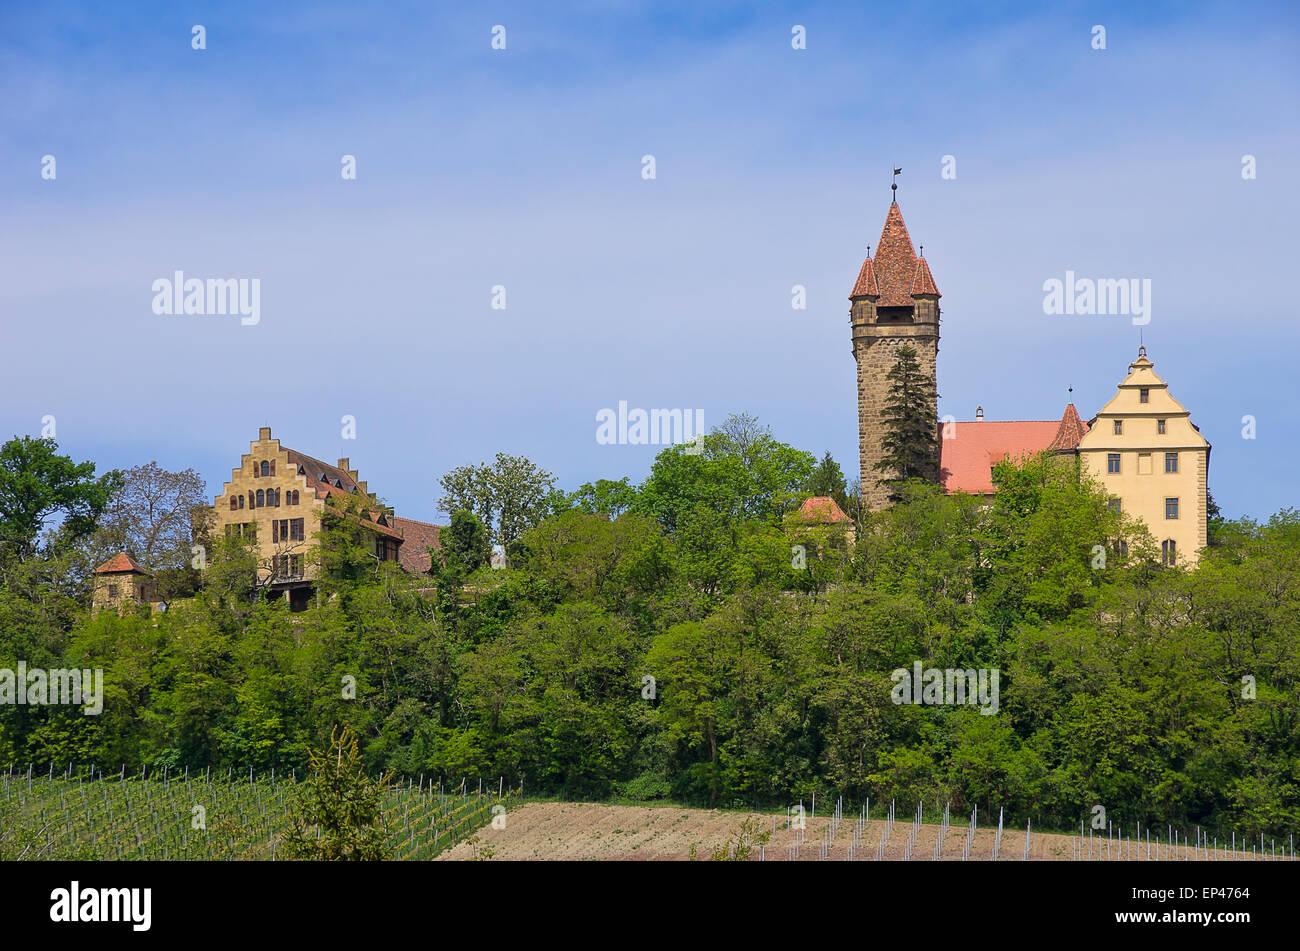 Schloss Stocksberg Castle in Stockheim near Heilbronn, Germany. Stock Photo